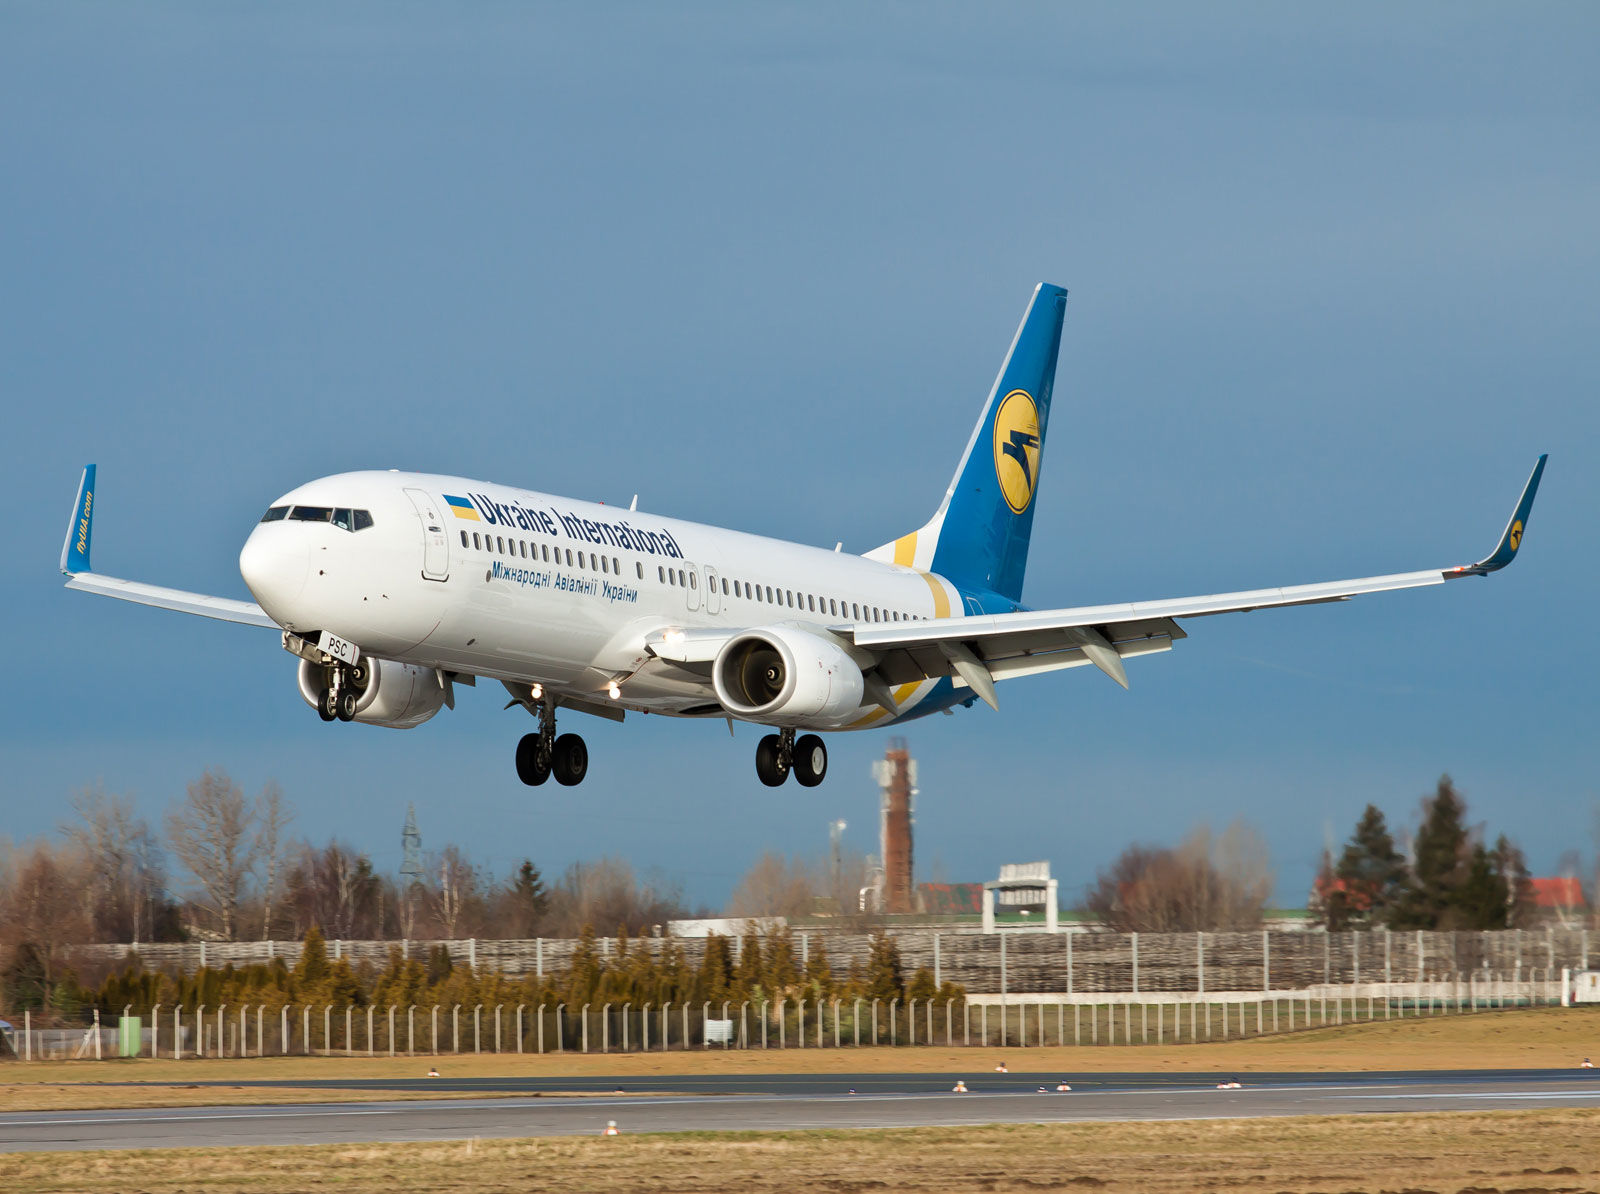 Обстрел Израиля: украинский пассажирский Boeing-737 не может сесть в Тель-Авиве - подробности